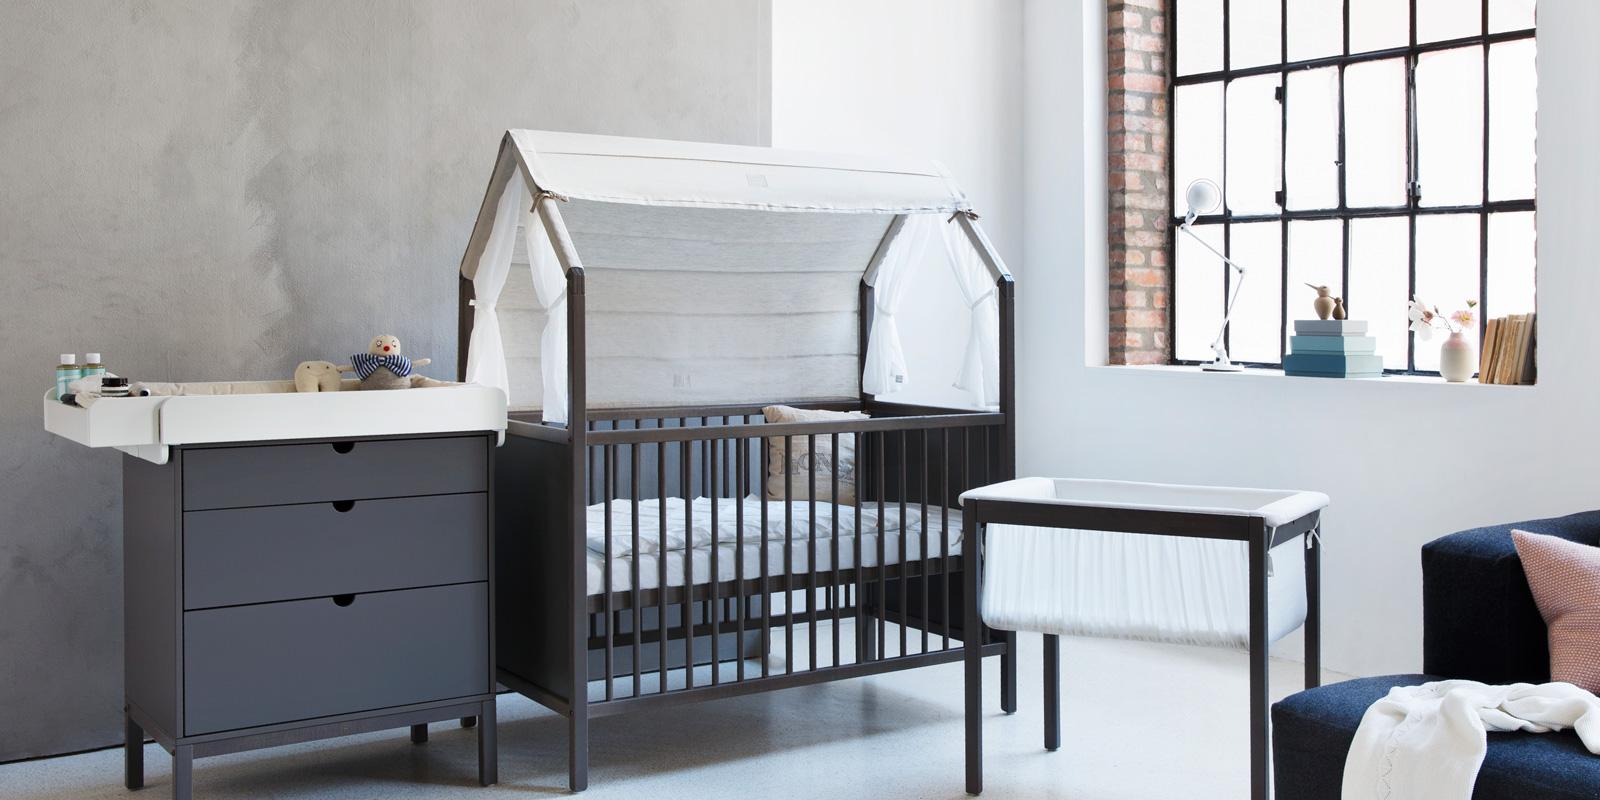 stokke nursery furniture  thenurseries - stokke baby furniture